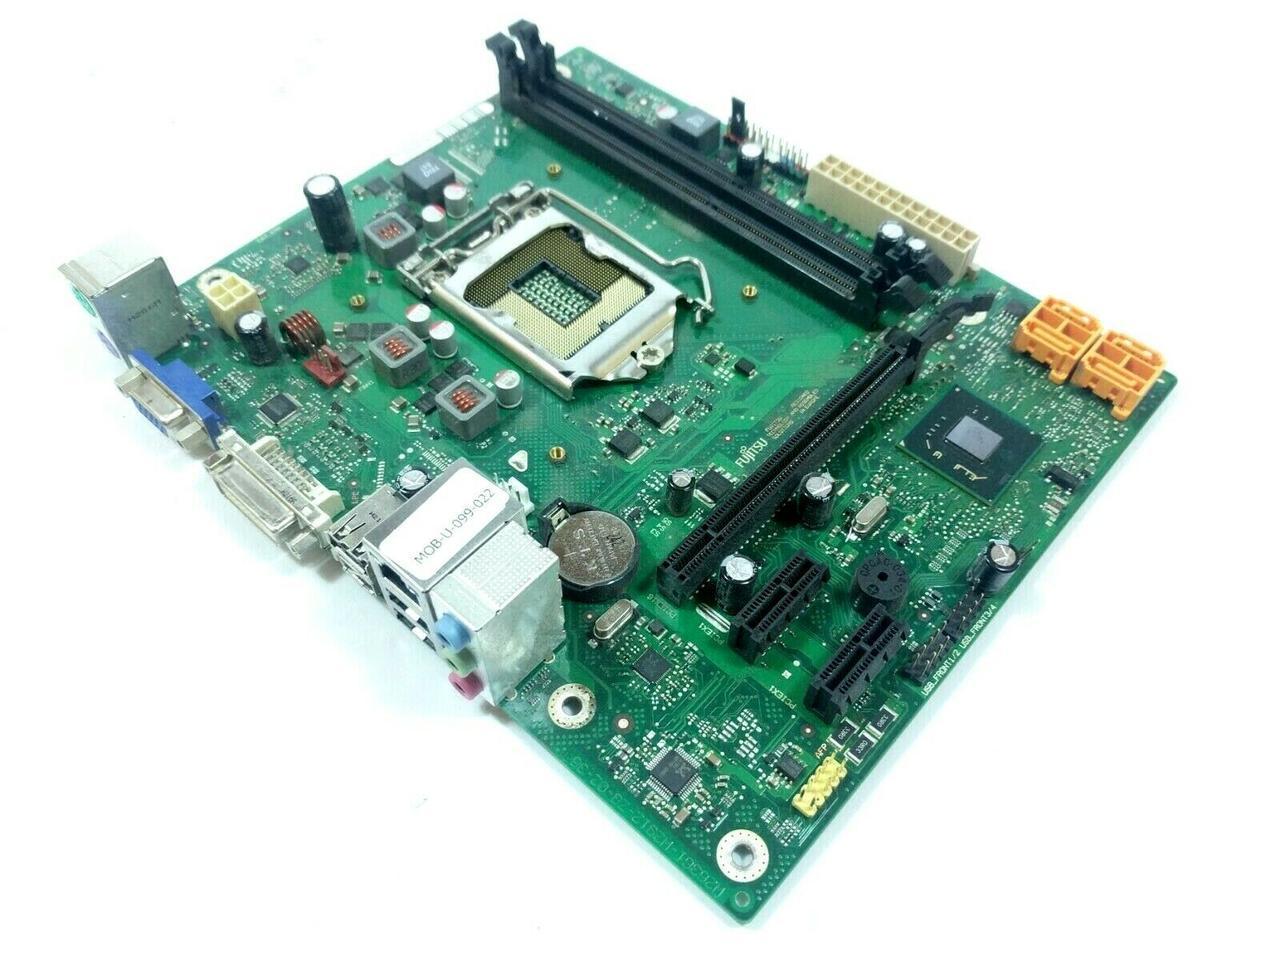 БРЭНДОВАЯ НАДЕЖНАЯ ПЛАТА LGA1155  Fujitsu D2990-A11 на DDR3 Поддерживает Core- i7,i5, i3  S1155 с ГАРАНТИЕЙ